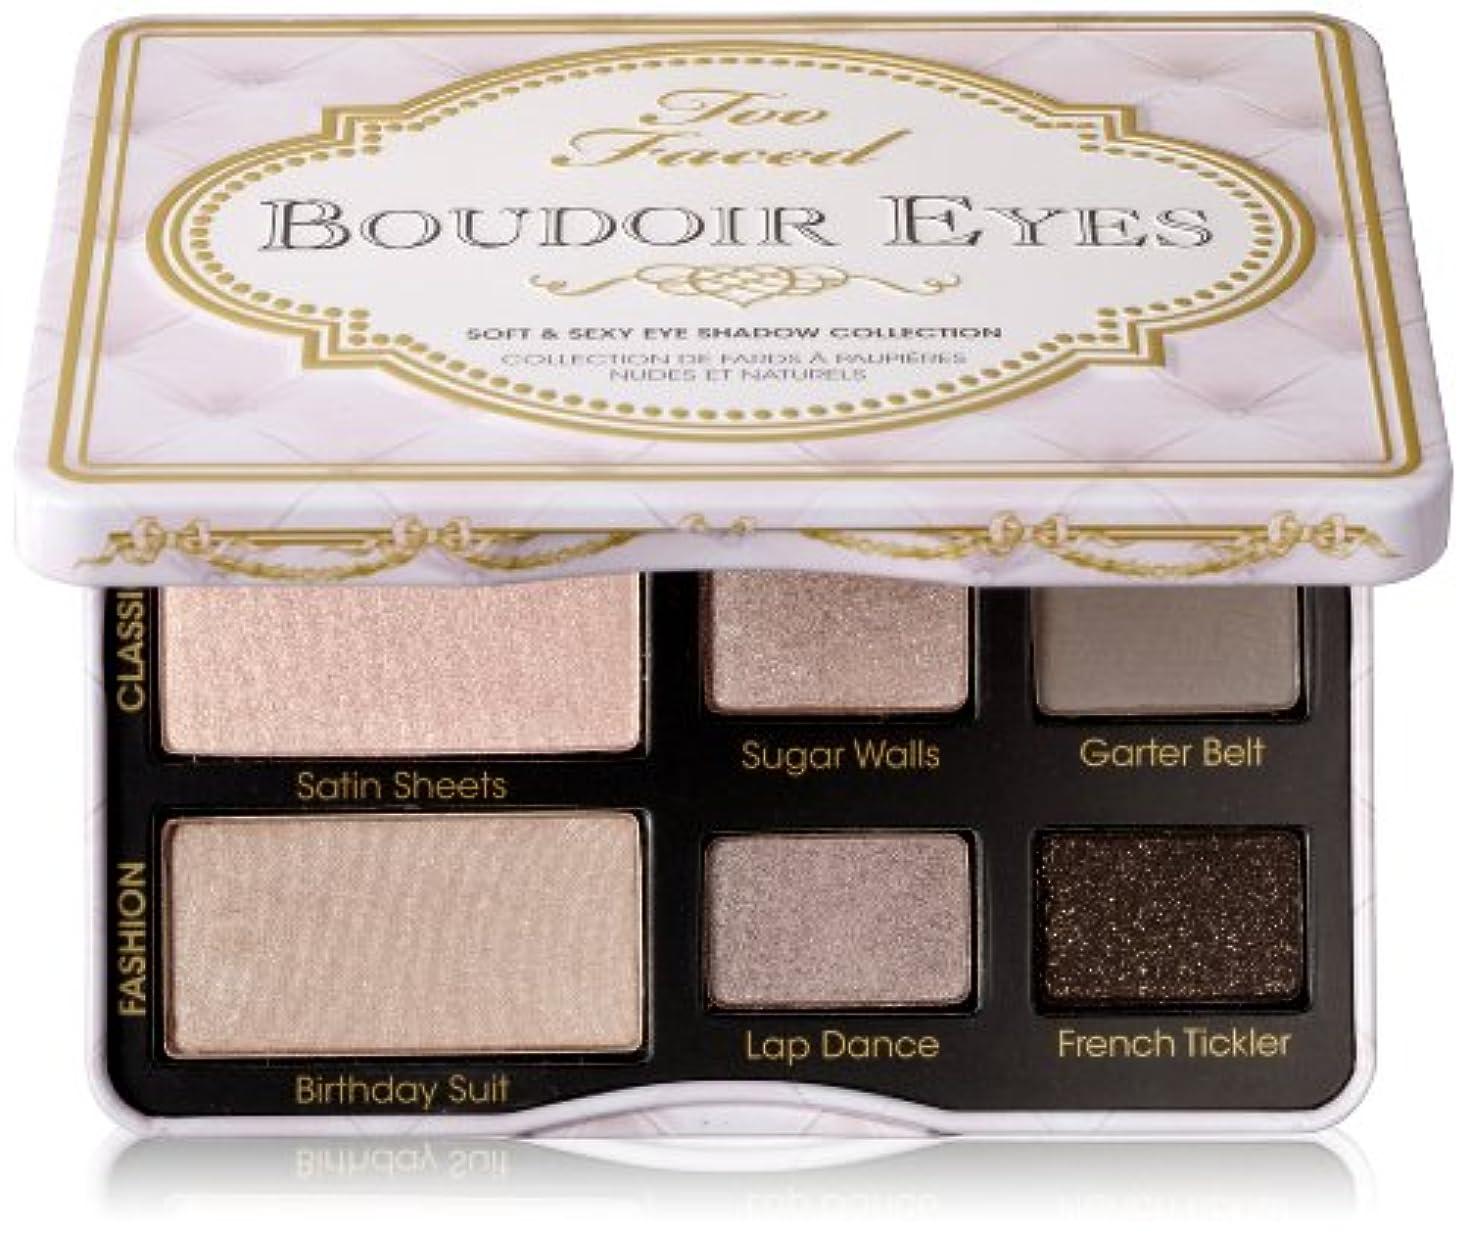 じゃがいも港祖母Too Faced Boudoir Eyes Soft & Sexy Eye Shadow Collection (並行輸入品)